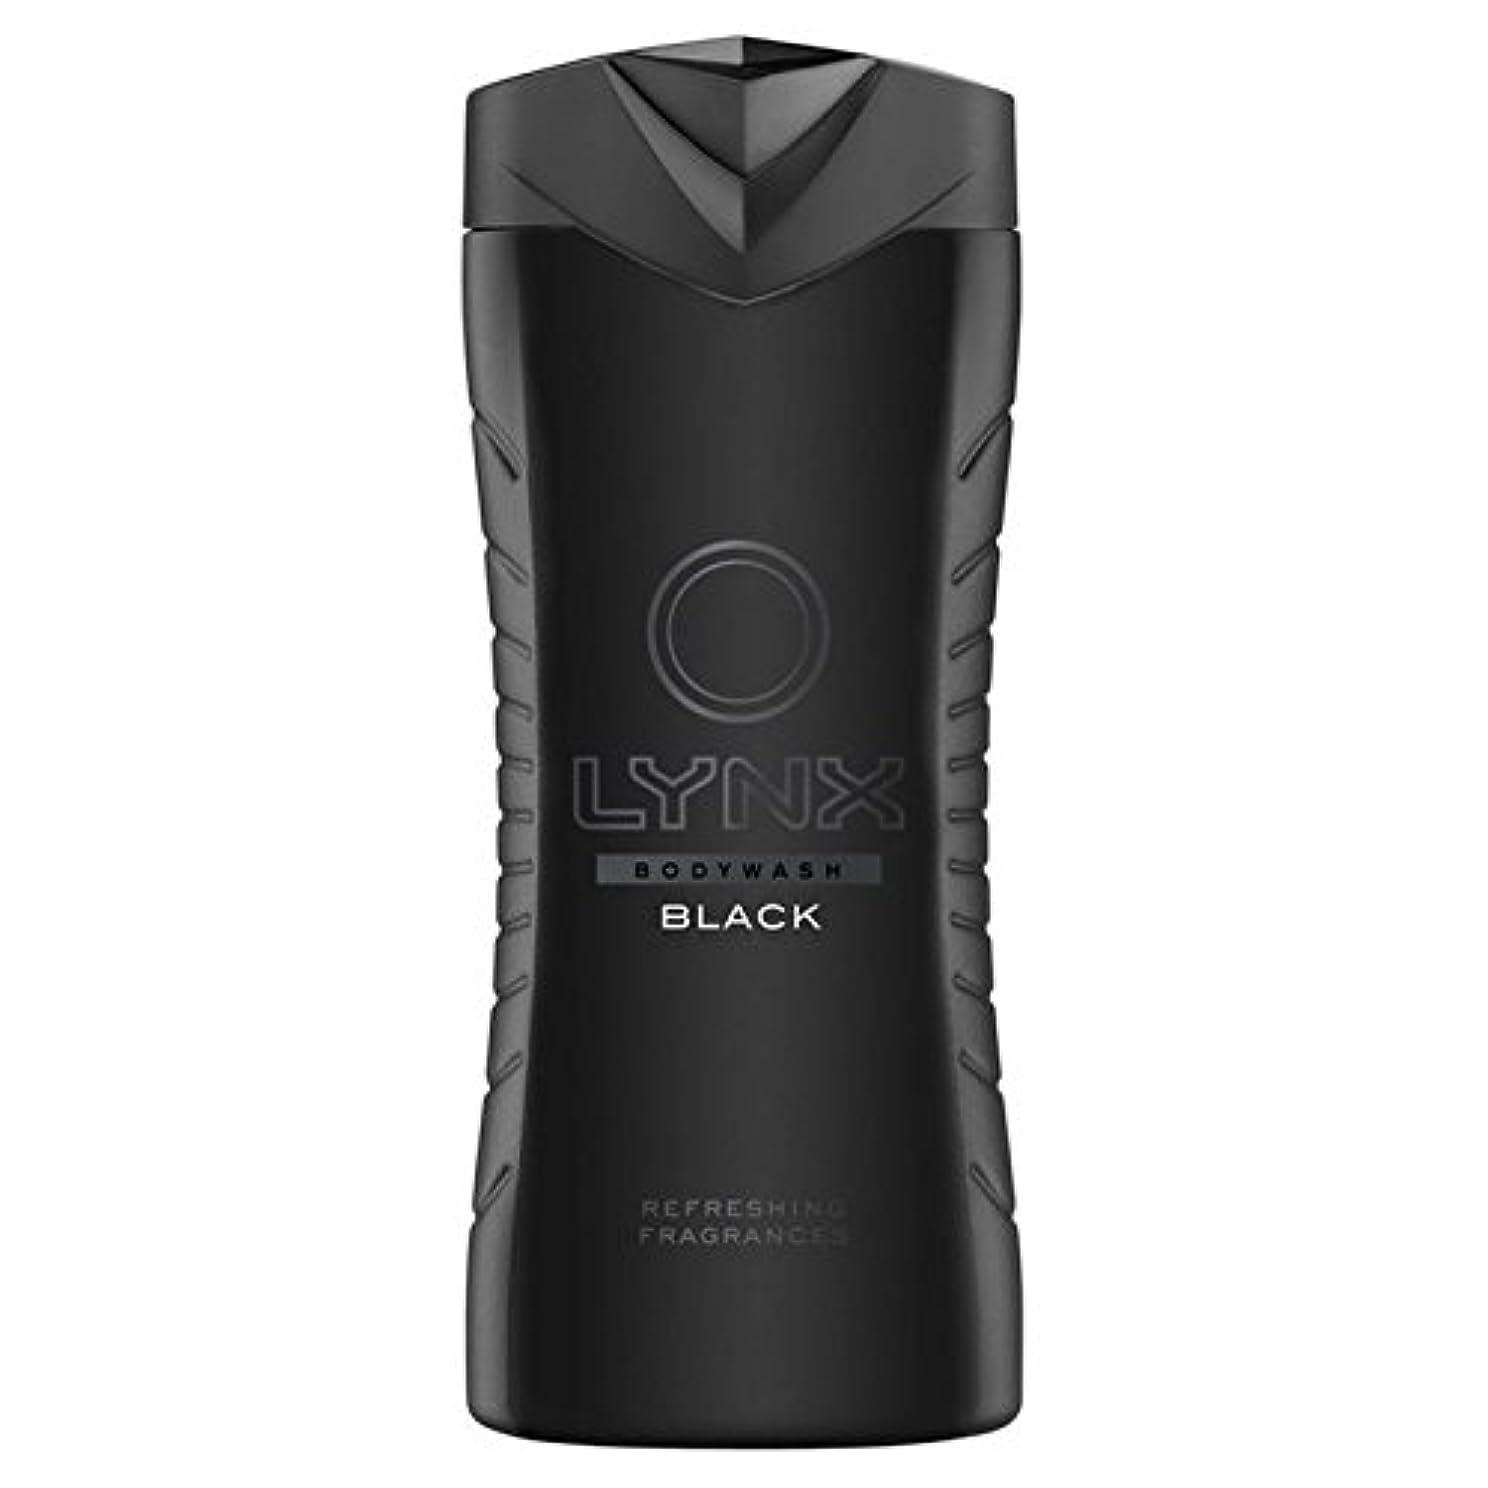 ポップここに投票オオヤマネコブラックシャワージェル400ミリリットル x4 - Lynx Black Shower Gel 400ml (Pack of 4) [並行輸入品]